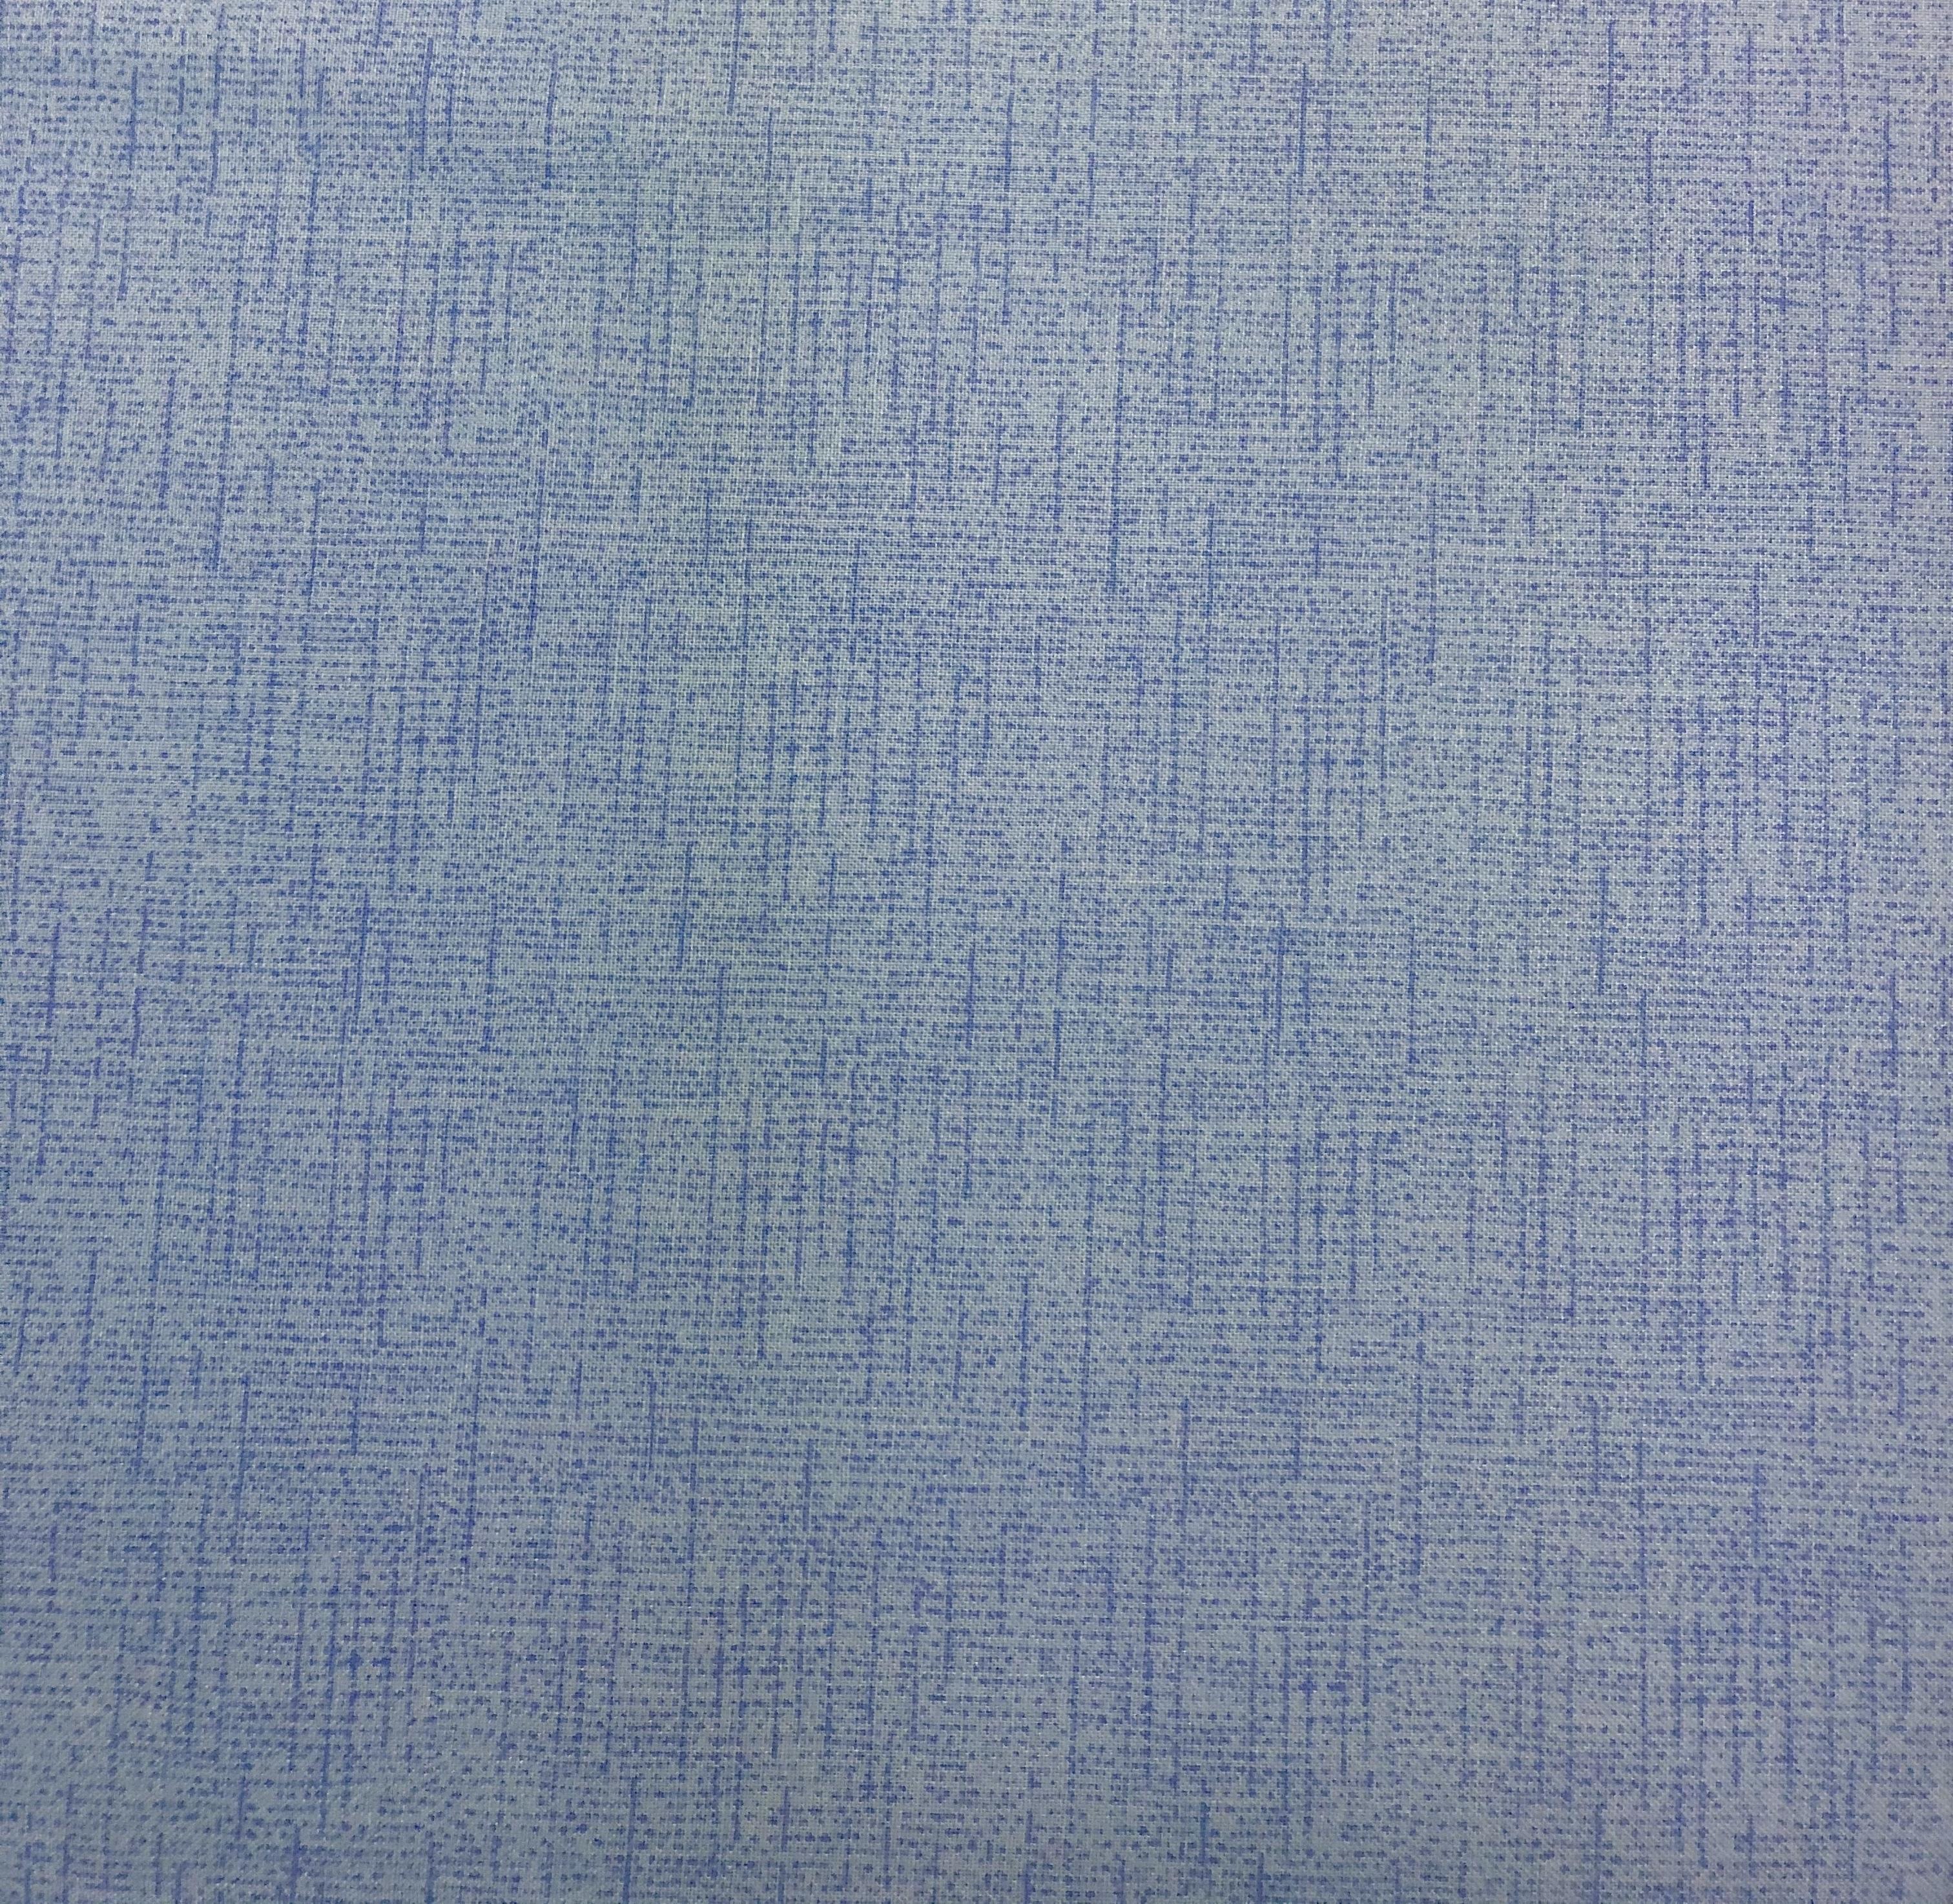 Fleurs de Bleu - Light Blue - 1/2m cut 55438